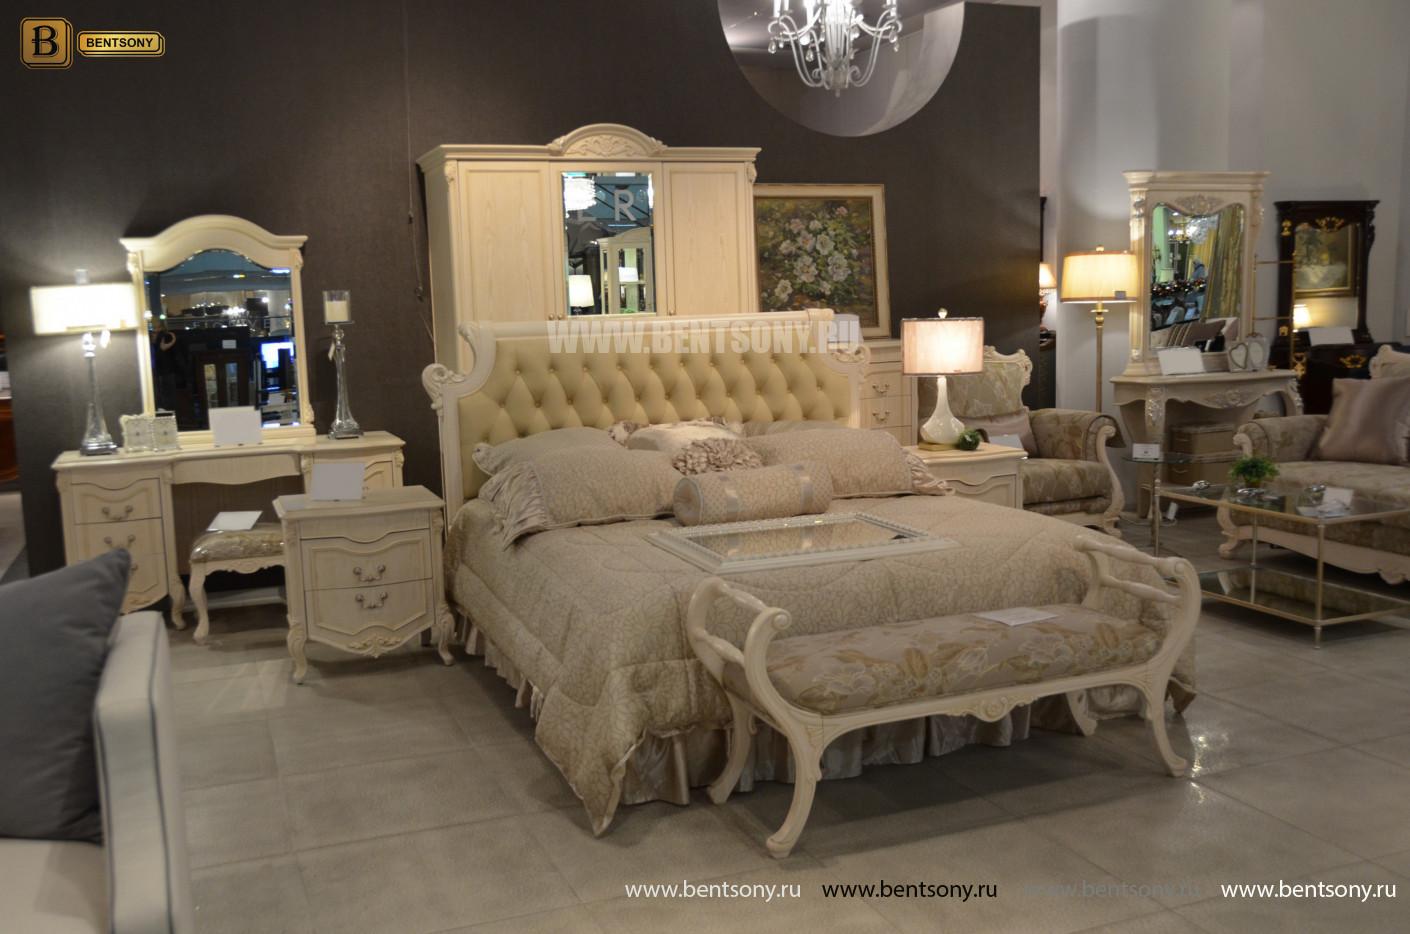 Классическая Спальня Флетчер-W D каталог мебели